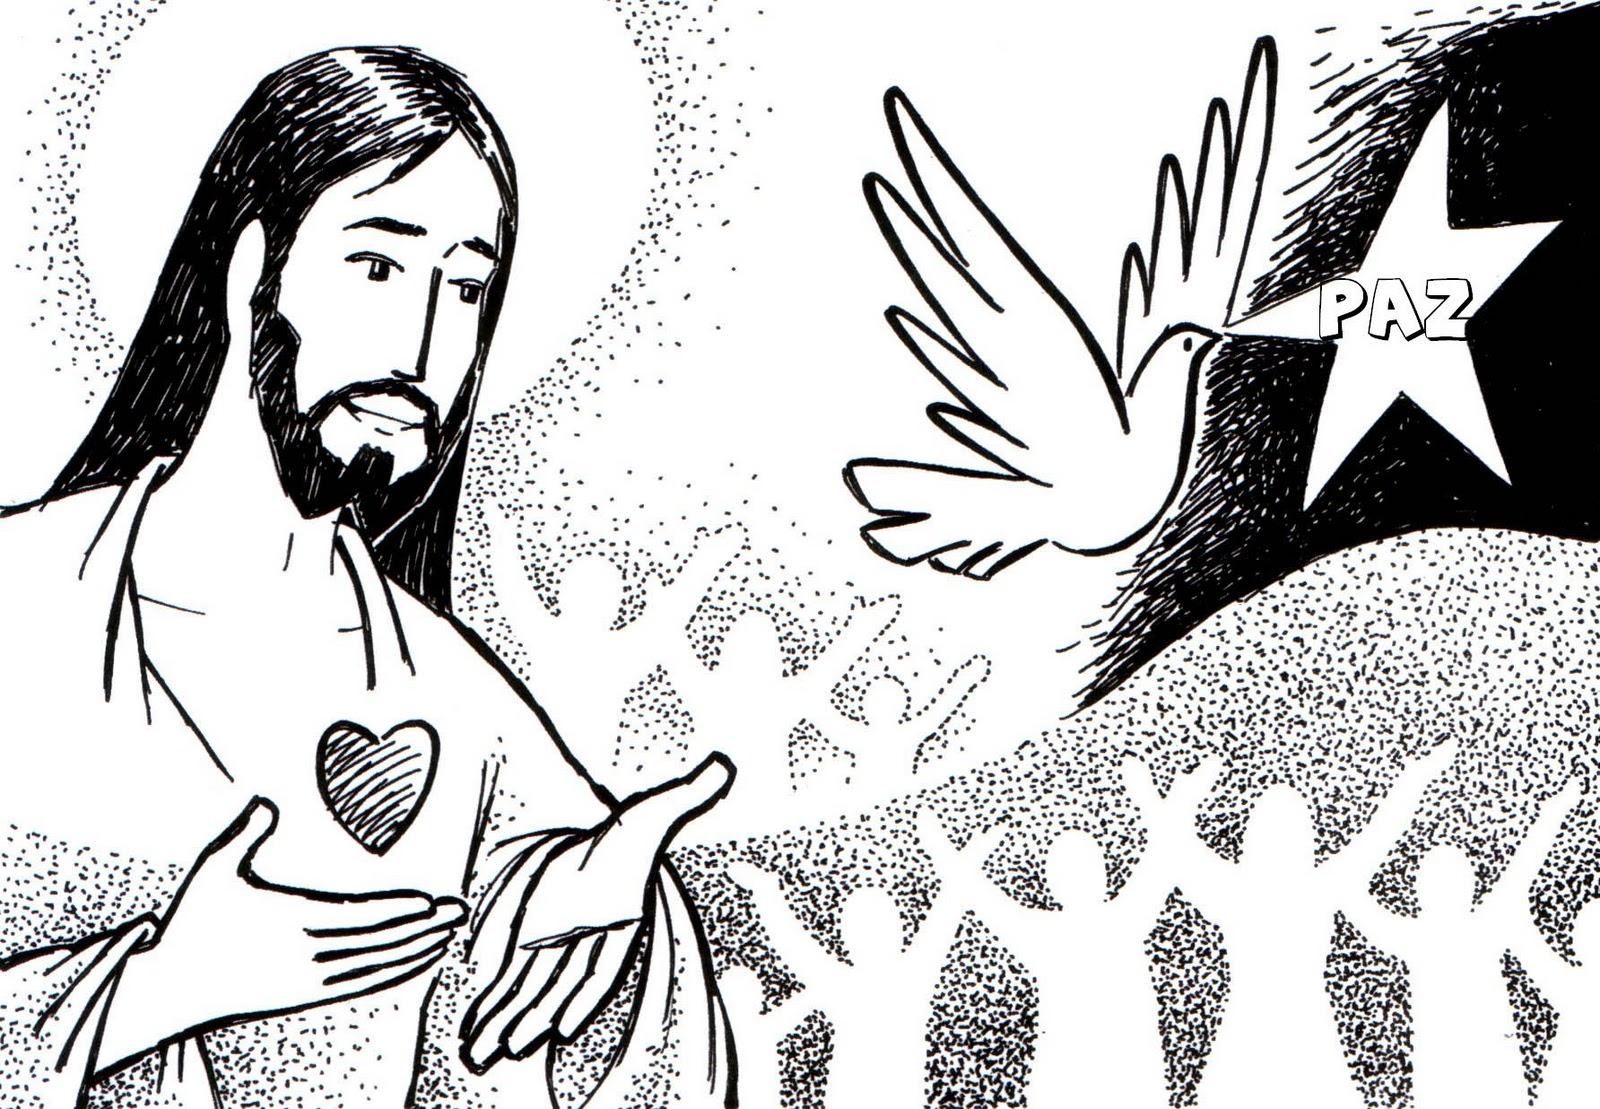 La paz en herencia